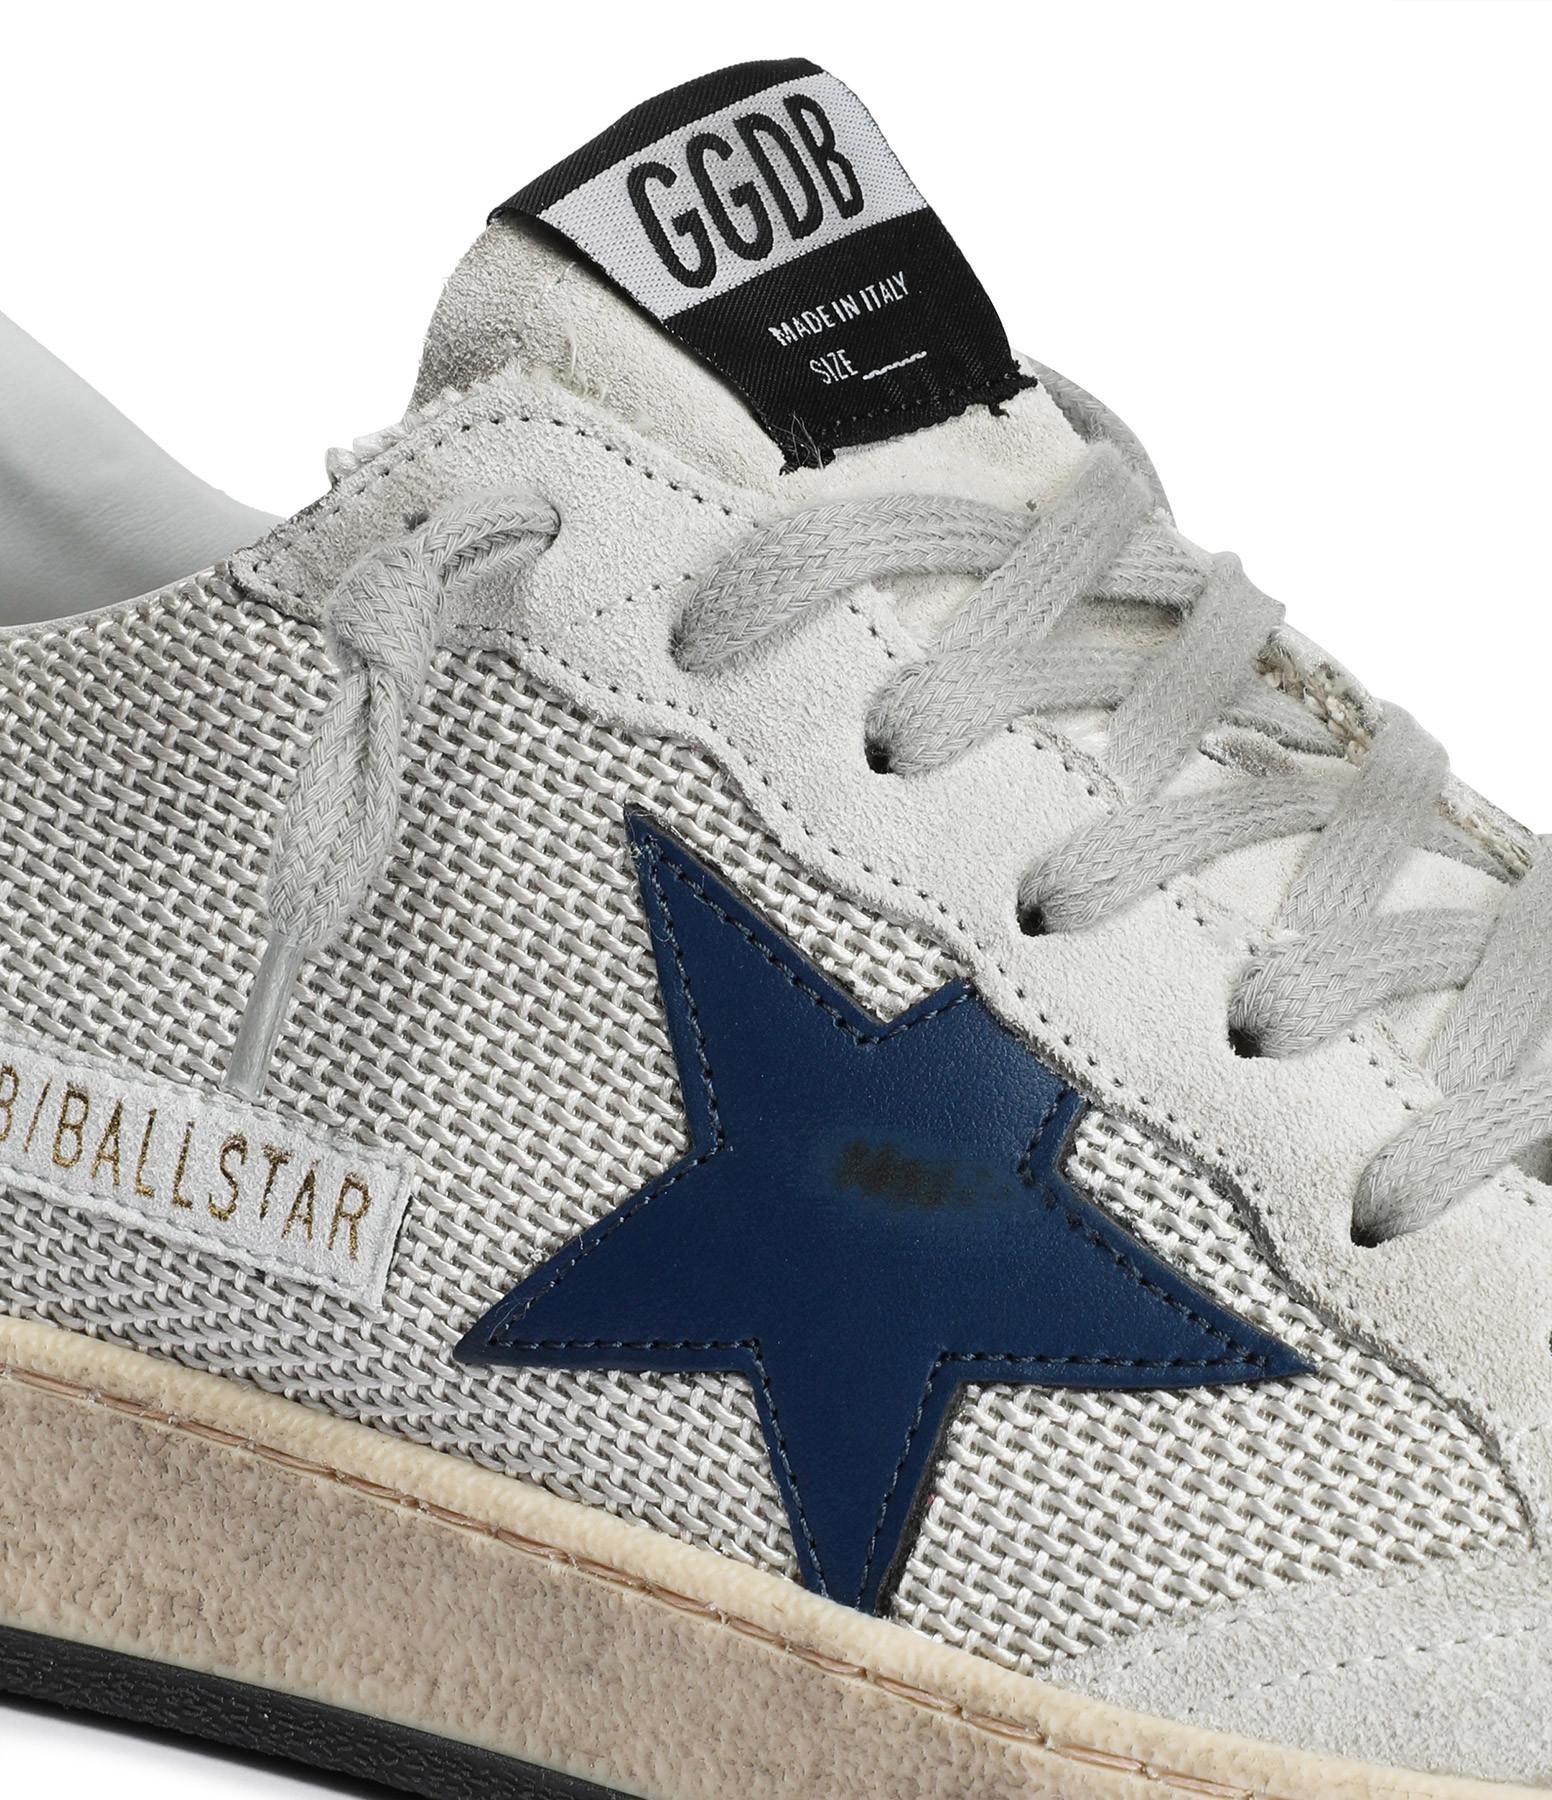 GOLDEN GOOSE - Baskets Homme Ball Star Cuir Argenté Bleu